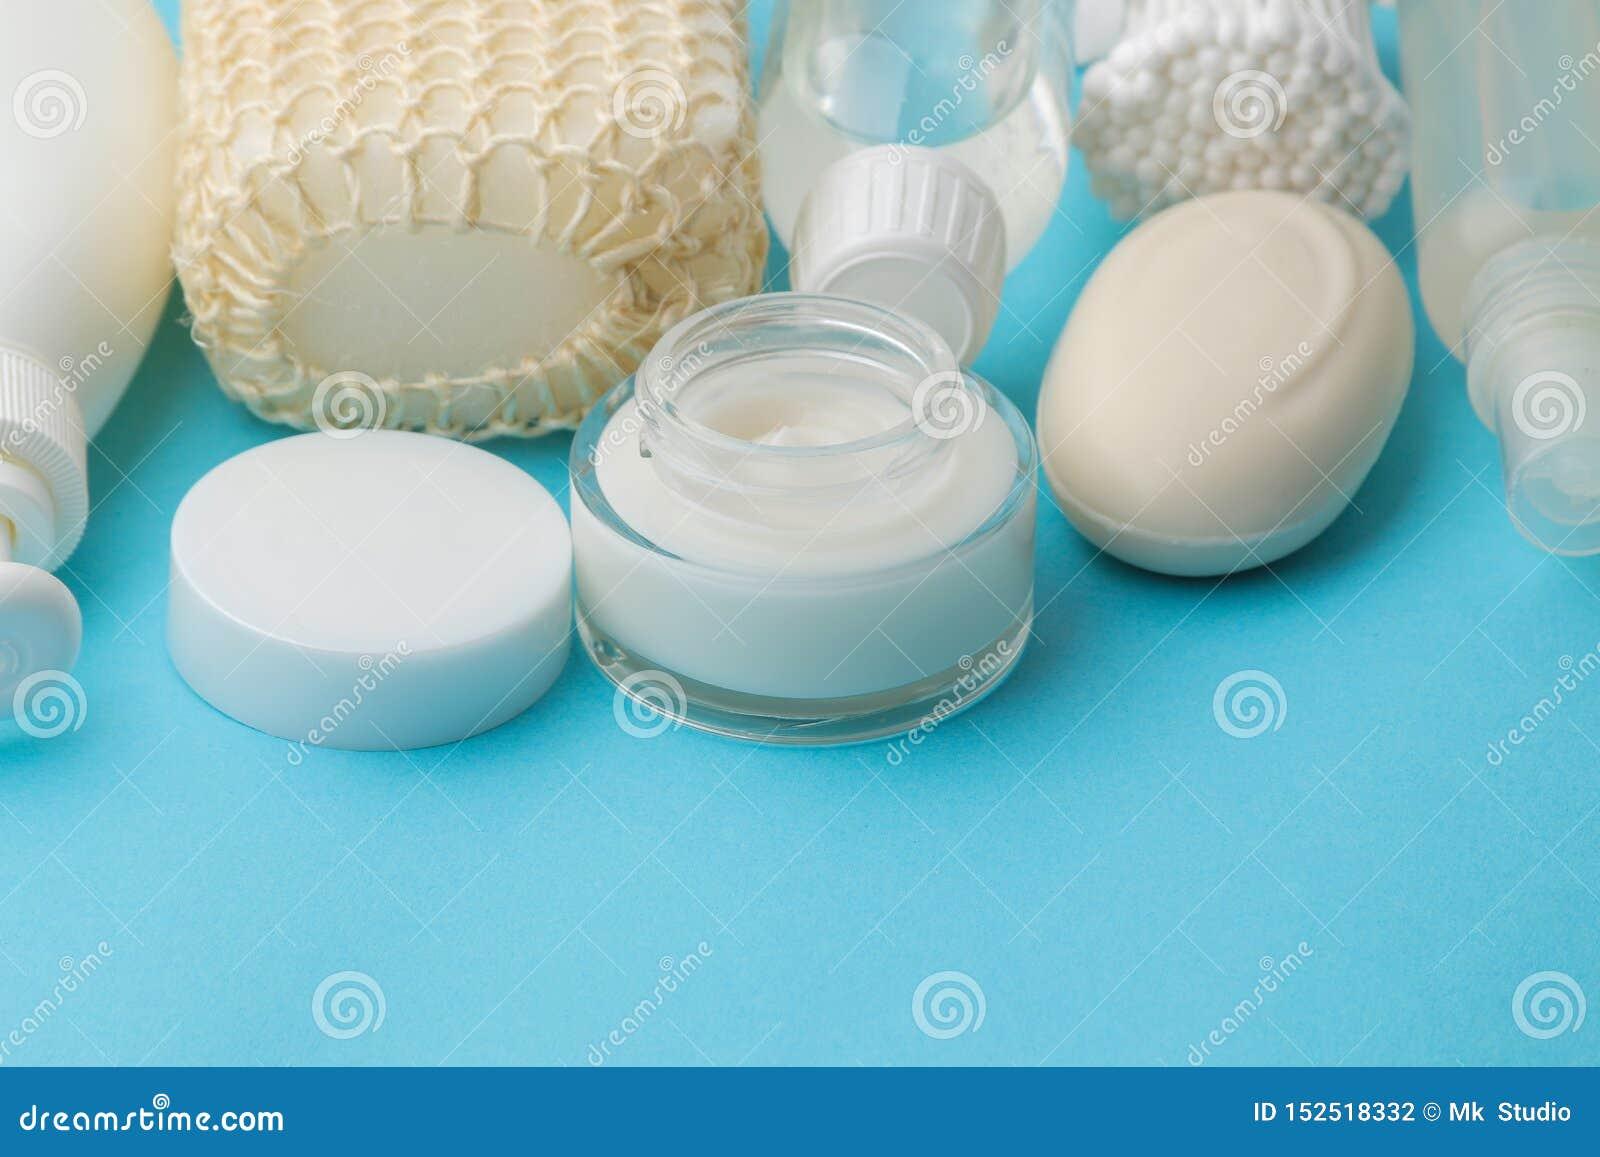 Produkte der pers?nlichen Hygiene K?rperpflegekosmetik Weiße Flaschen und Phiolen auf einem blauen Hintergrund Badekurort relax